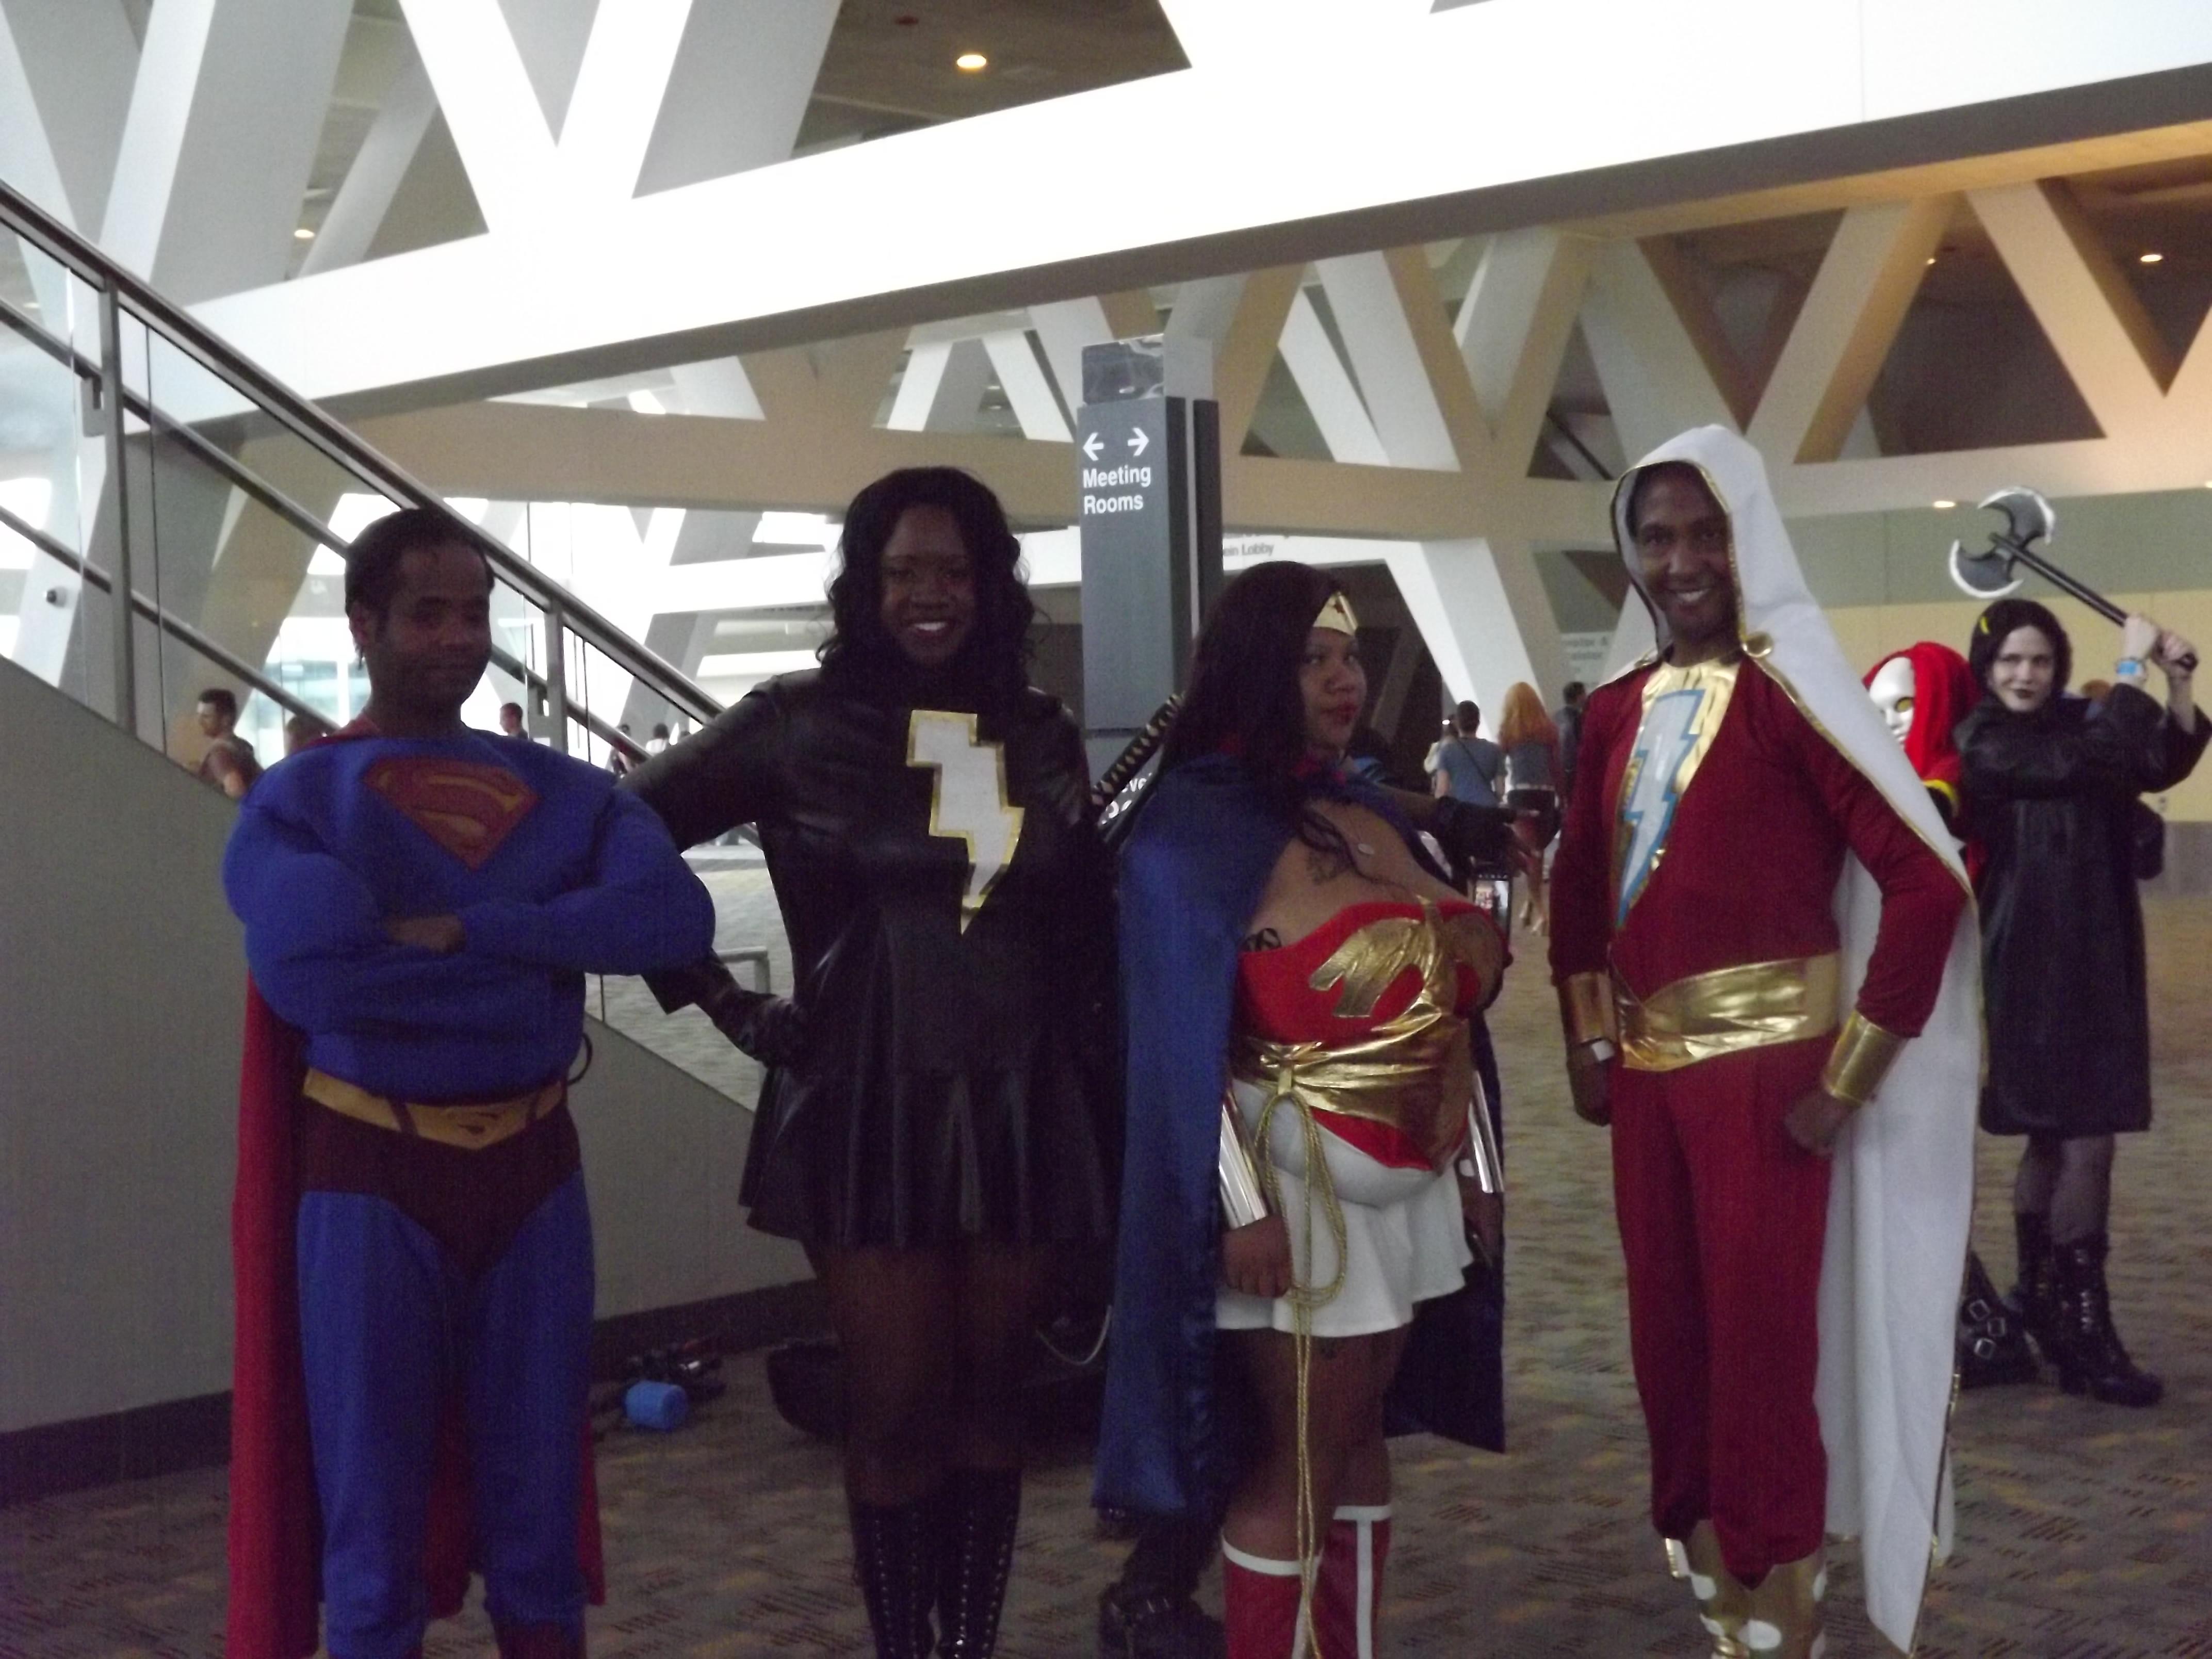 Superman, Mary marvel, WW and Shazam